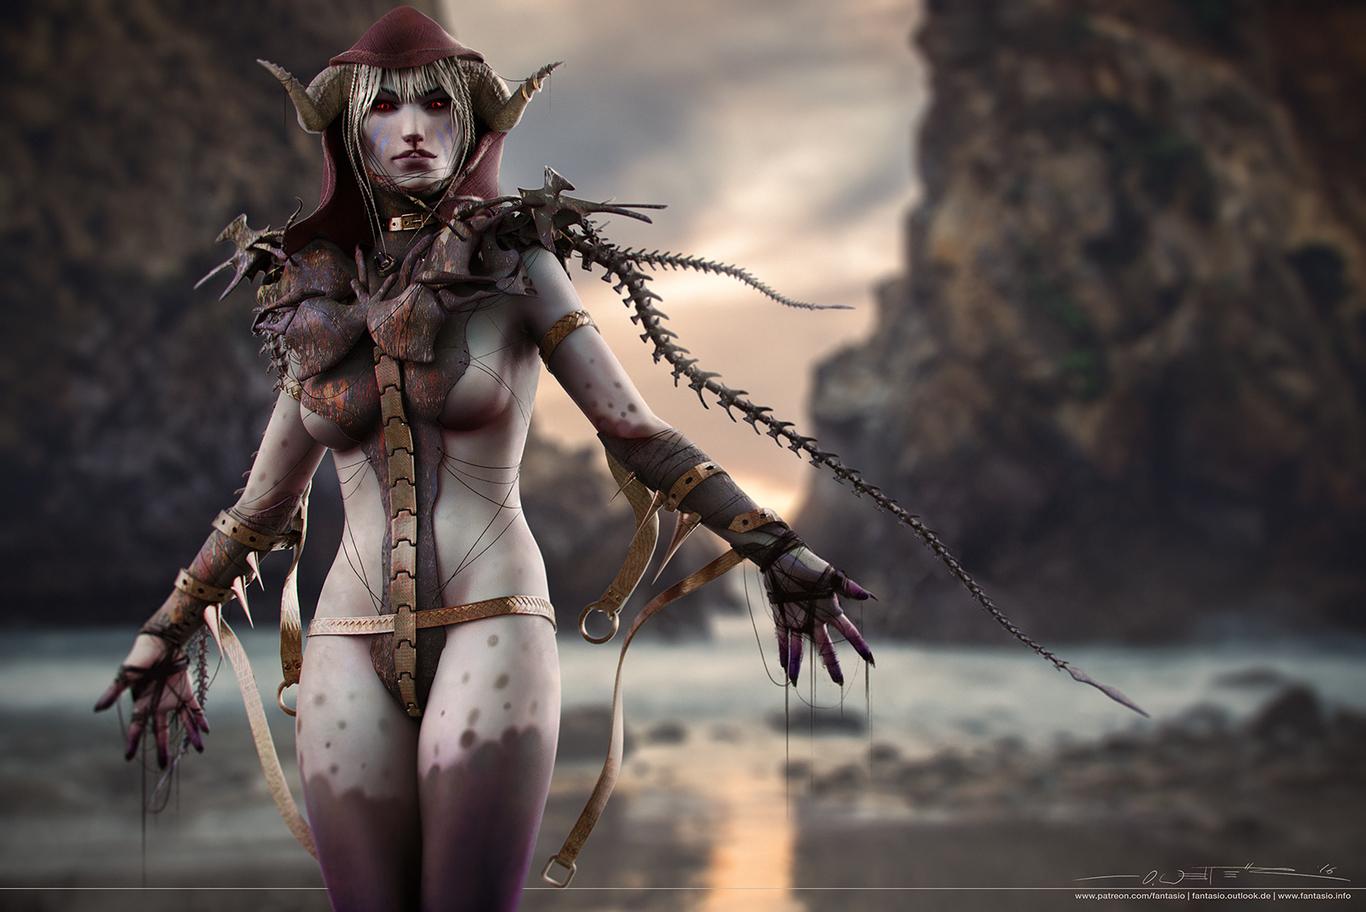 Fantasio demon warrior concep 1 8015169c wywx